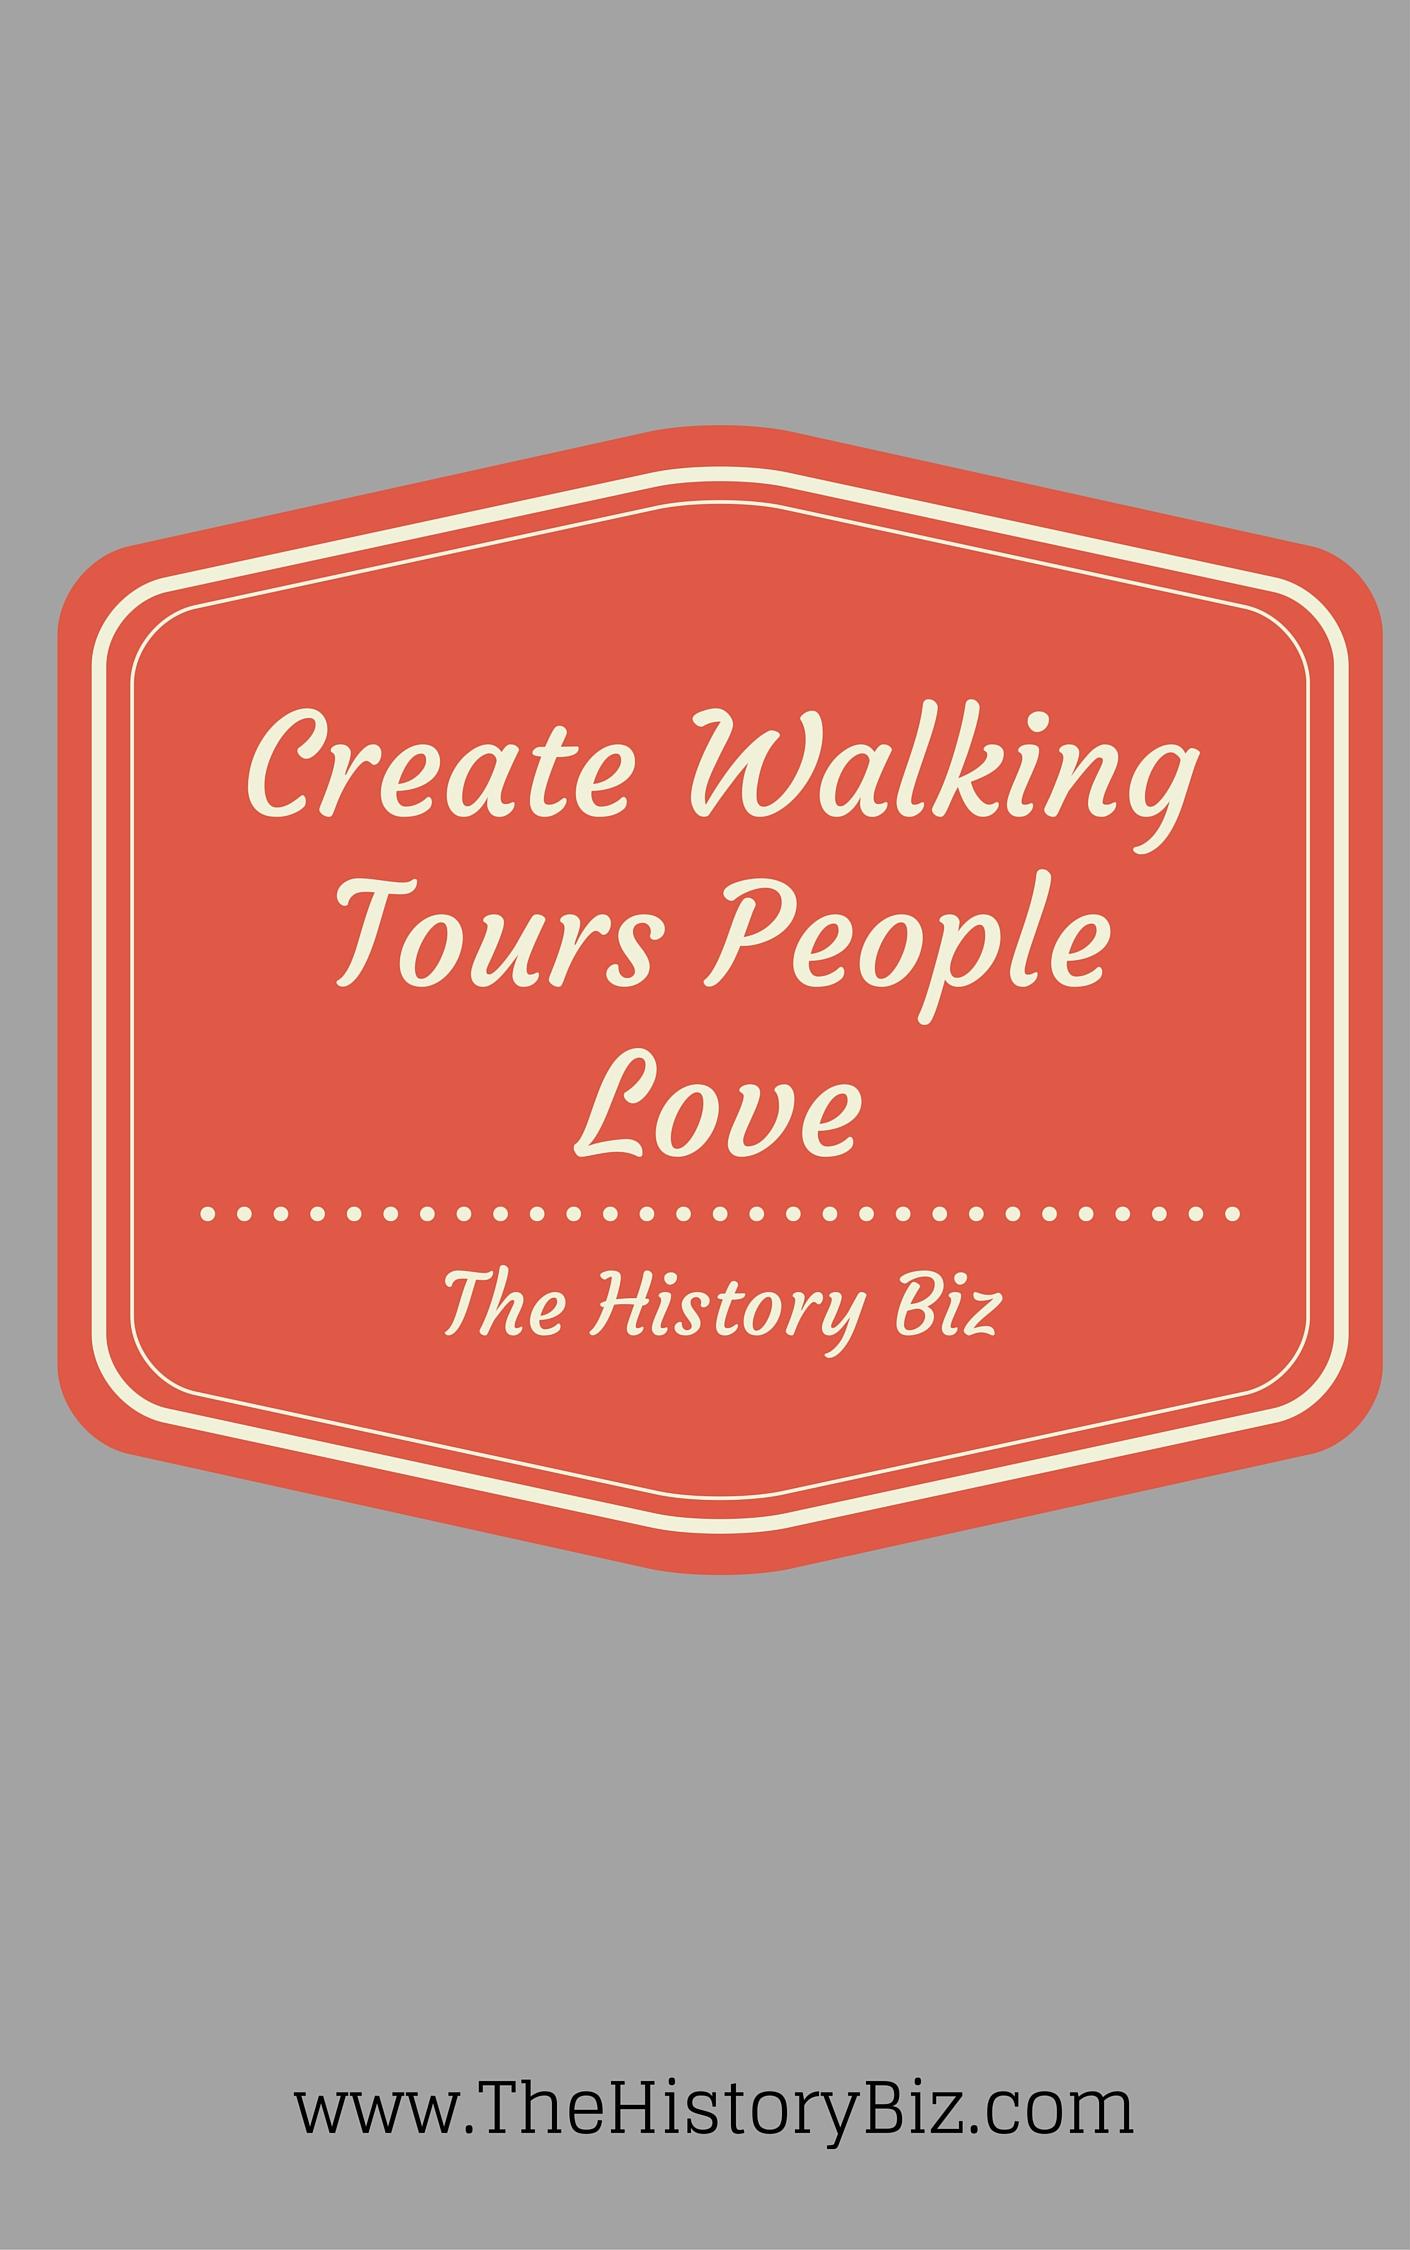 createwalkingtourscover.jpg